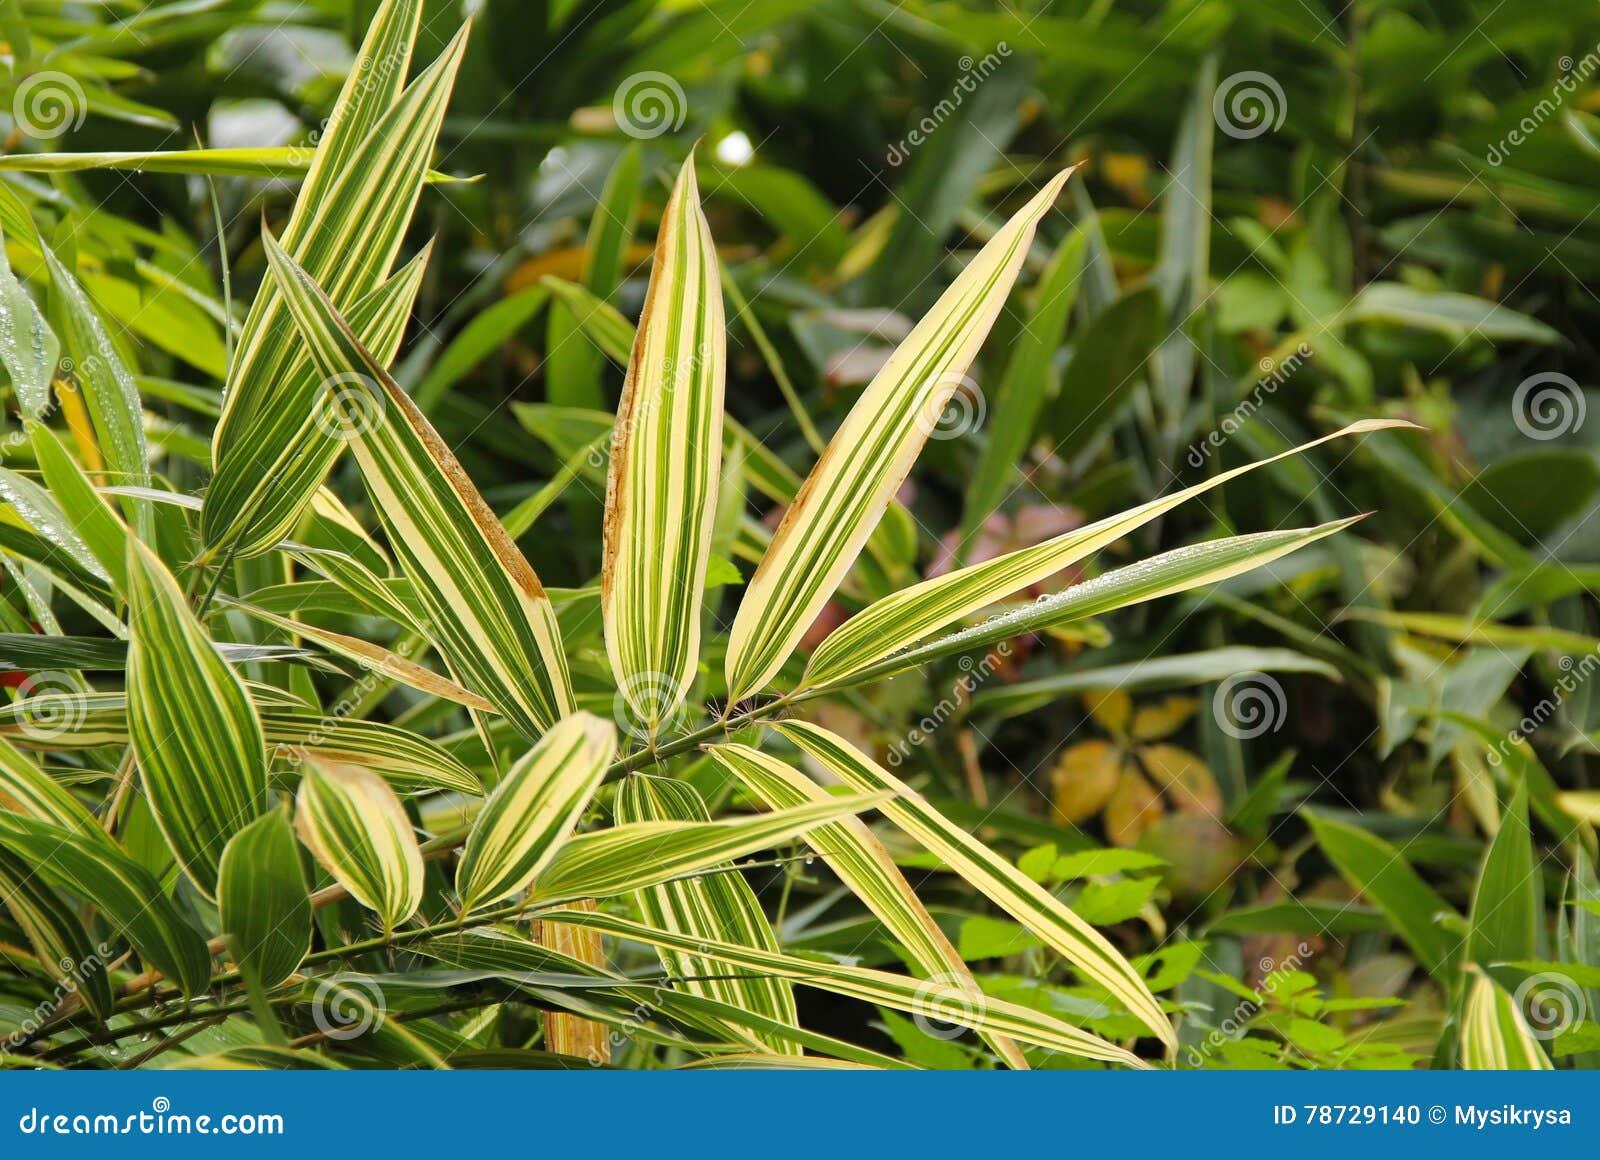 Görade randig leaves